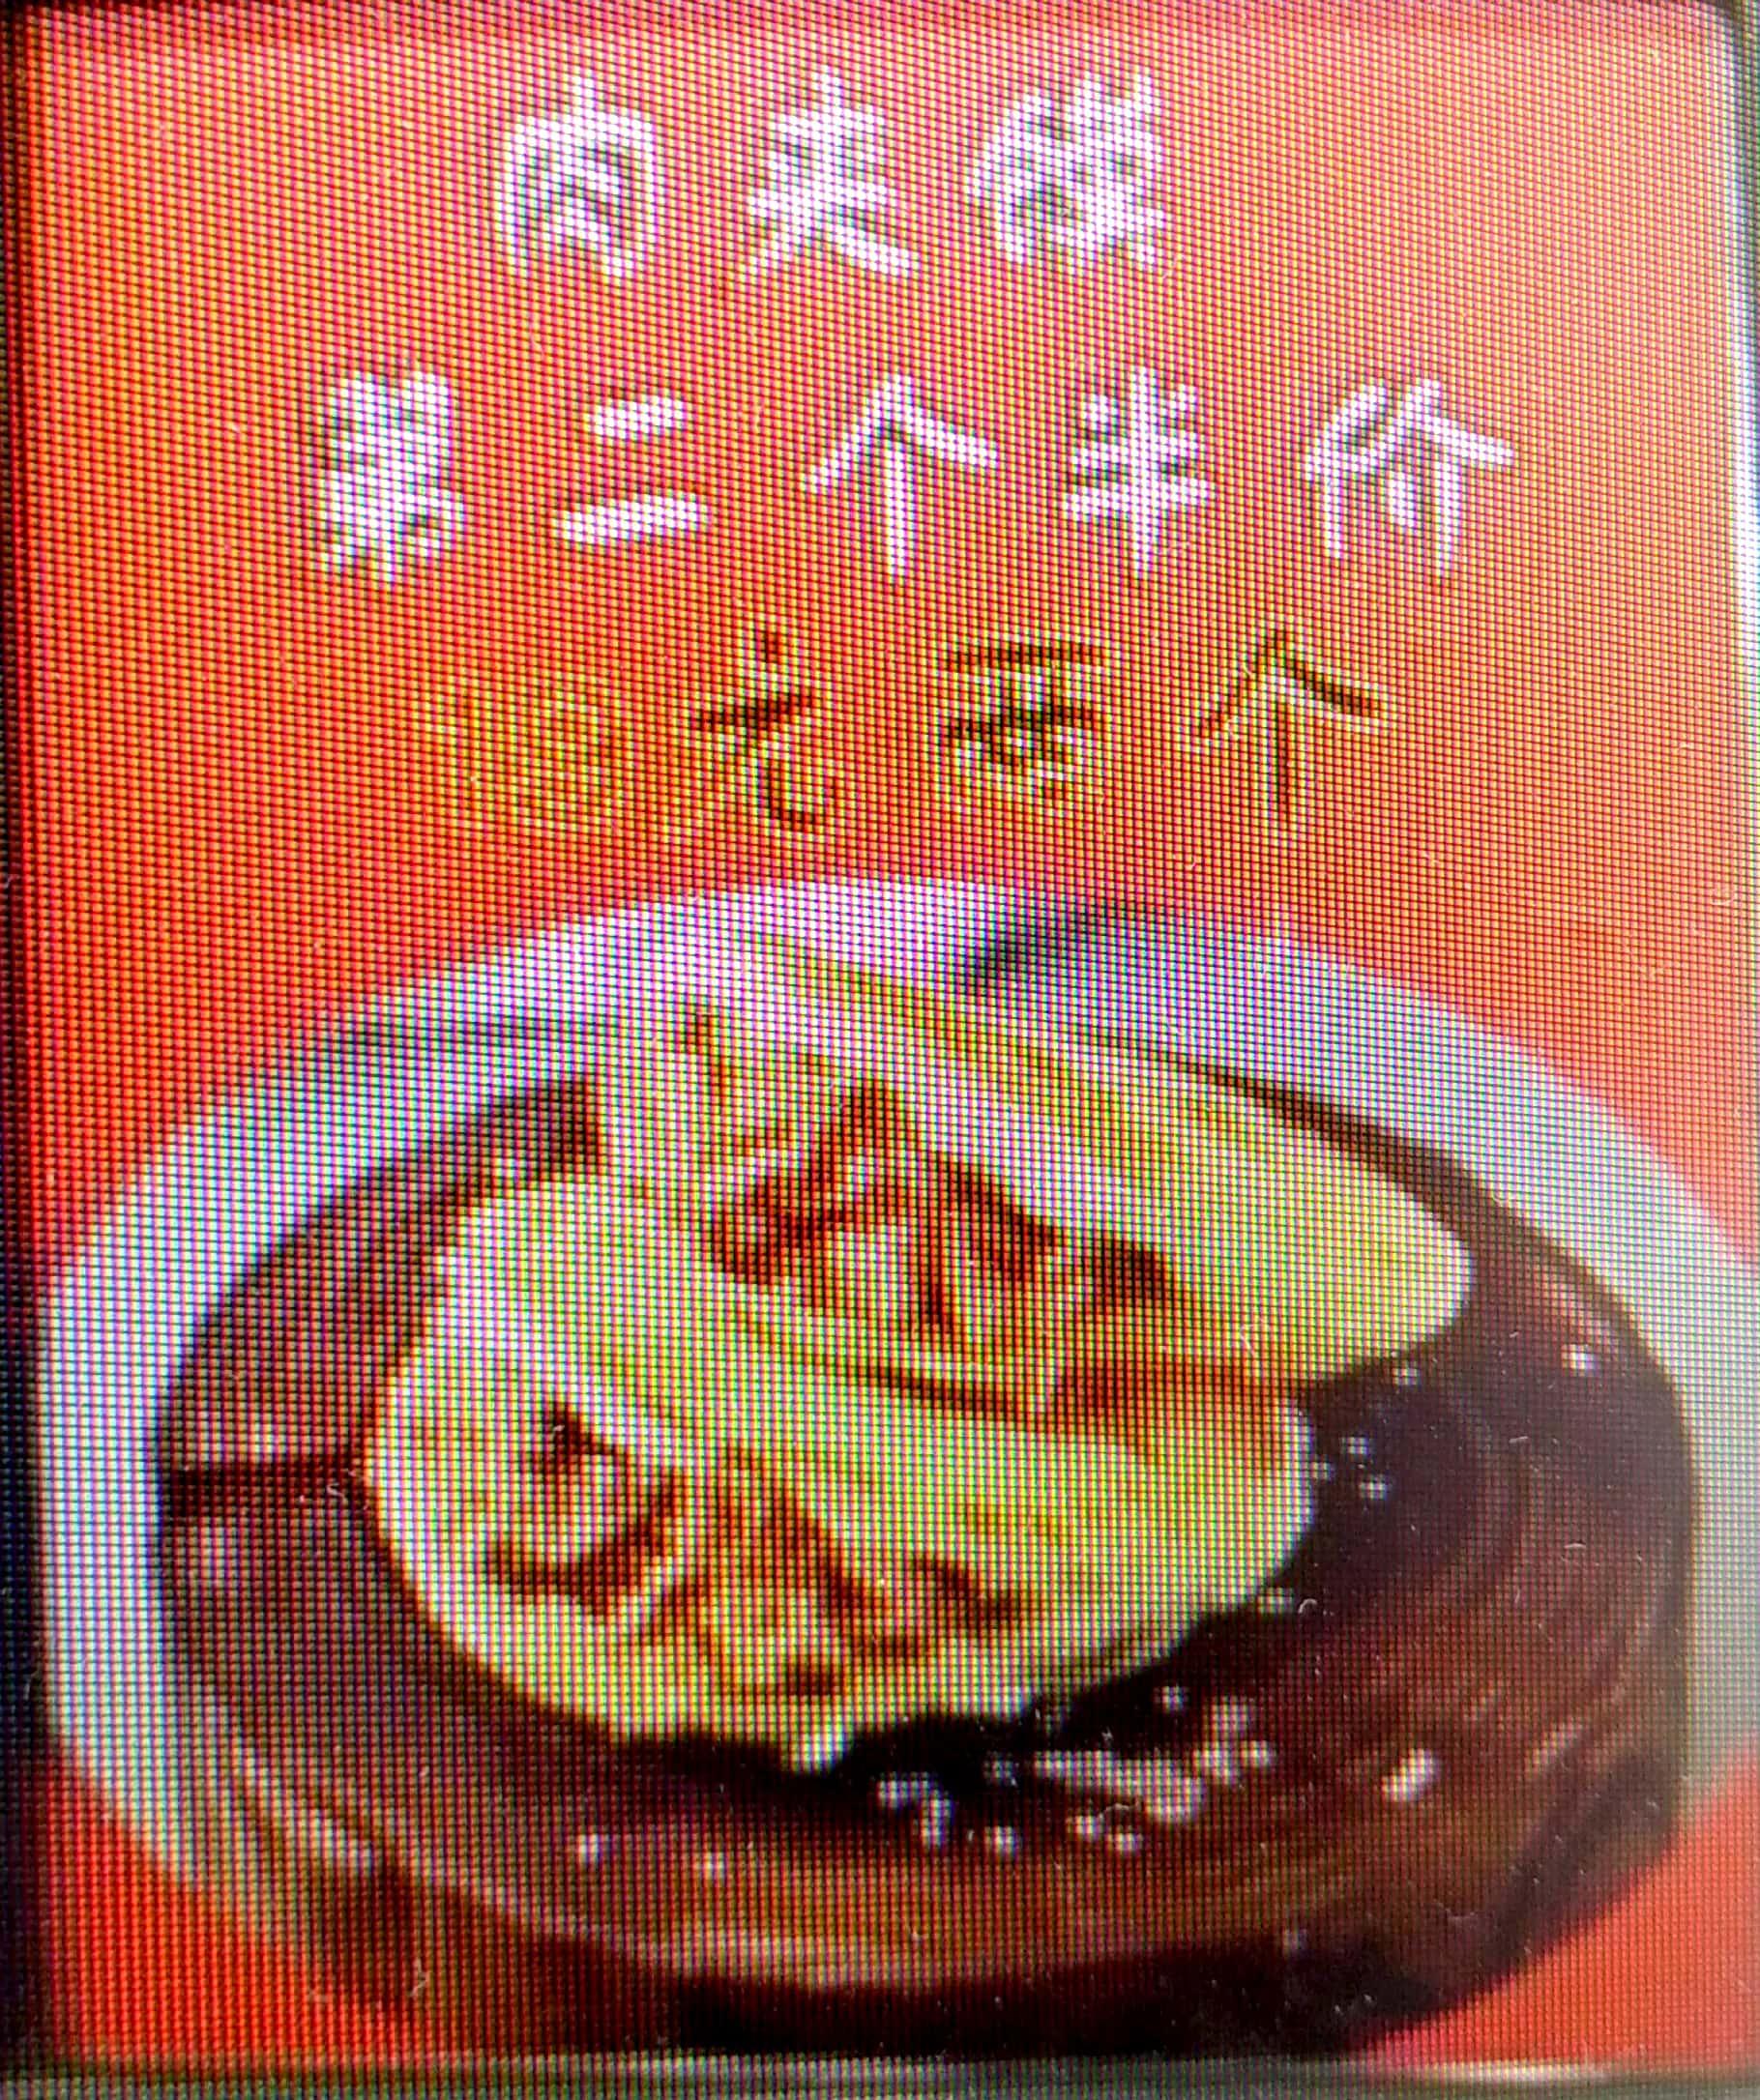 深センの夕飯 肉夹馍 中華ハンバーガー 中国式ハンバーガー